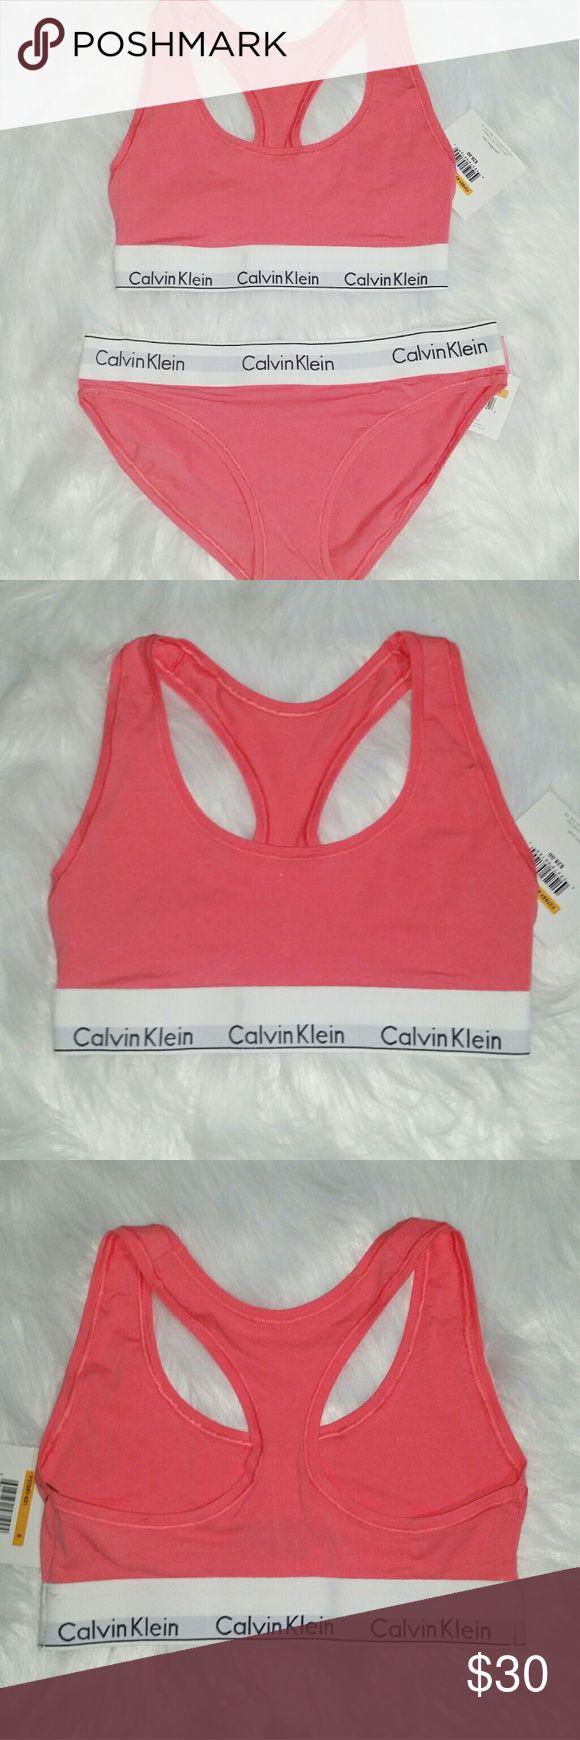 Calvin Klein Sleepwear set // bralette & panties Coral pink  Calvin Klein bralette + panties Cotton  Set [NWT] Calvin Klein Intimates & Sleepwear Bras